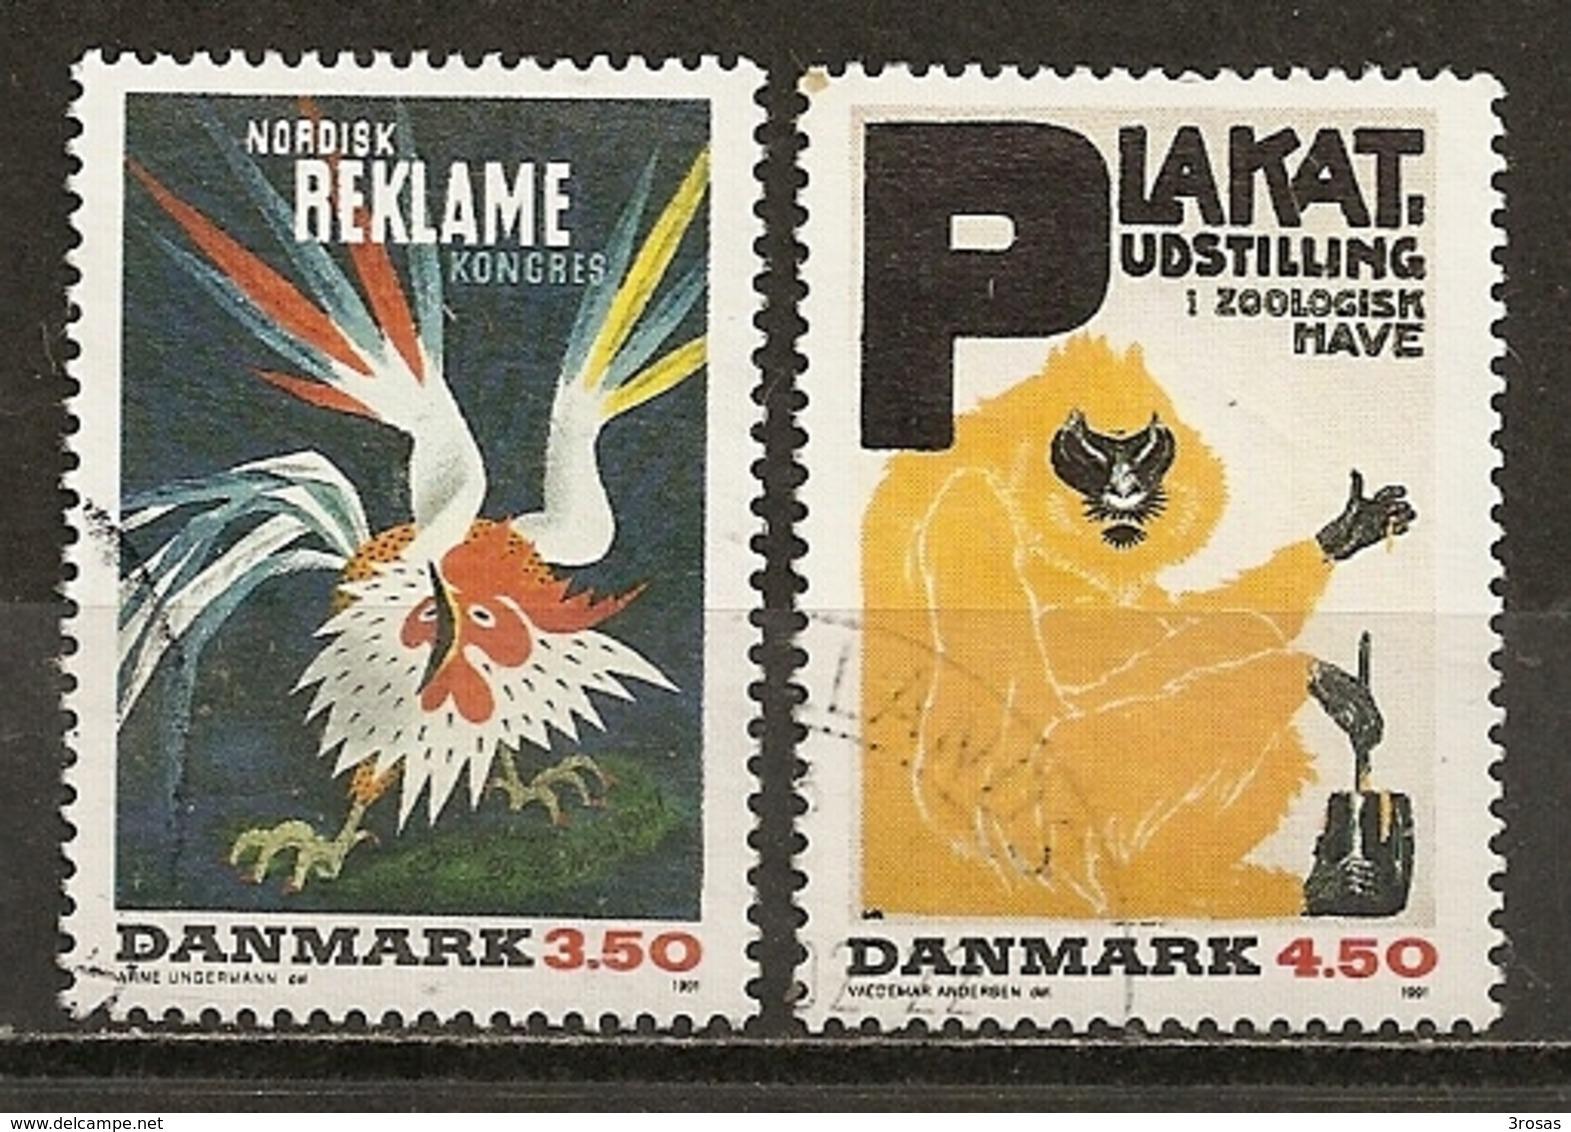 Danemark Denmark 1991 Posters Obl - Denemarken